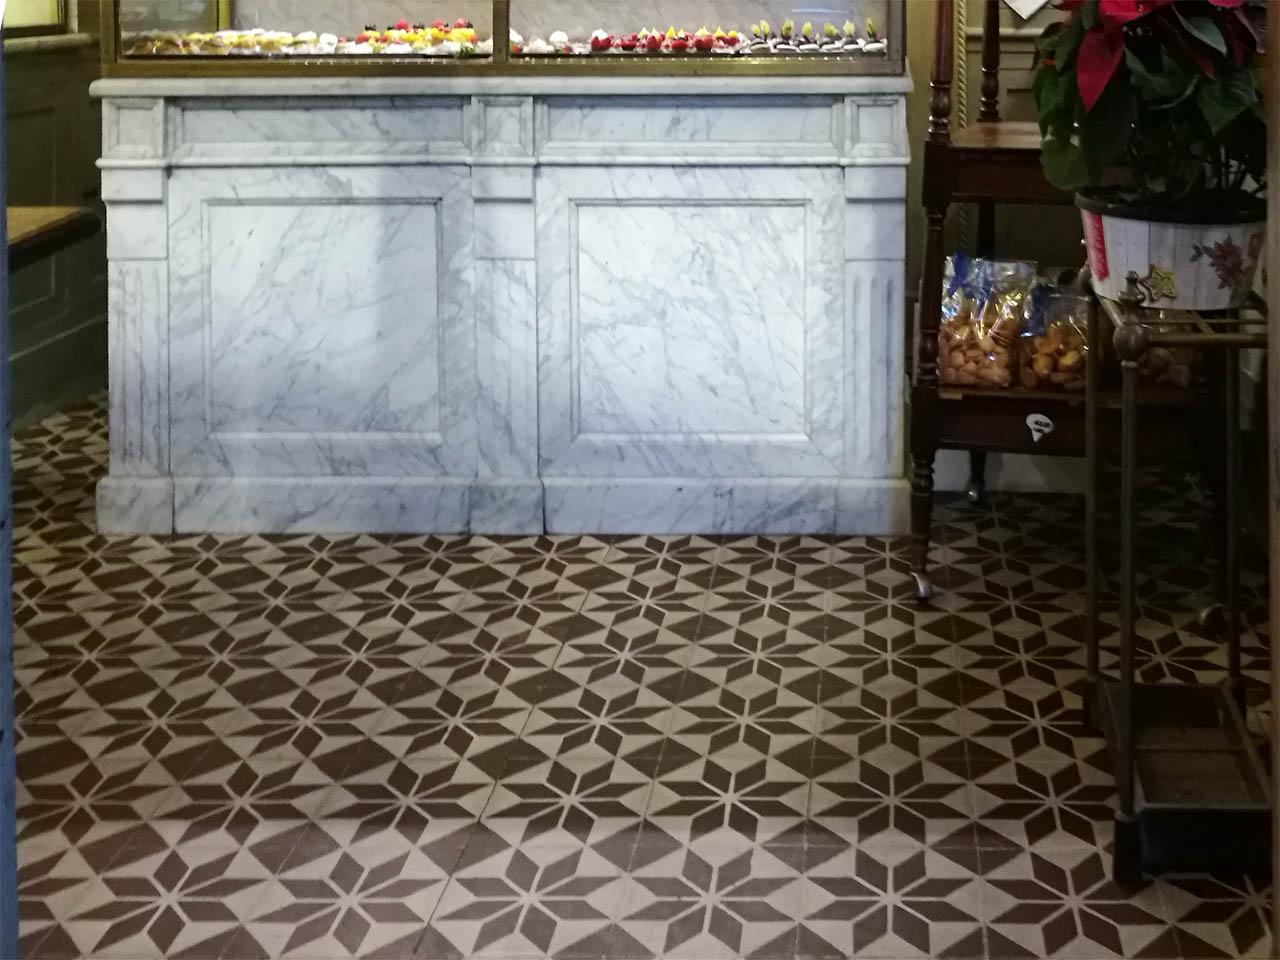 Piastrelle cementine milano cementine gres porcellanato decorato